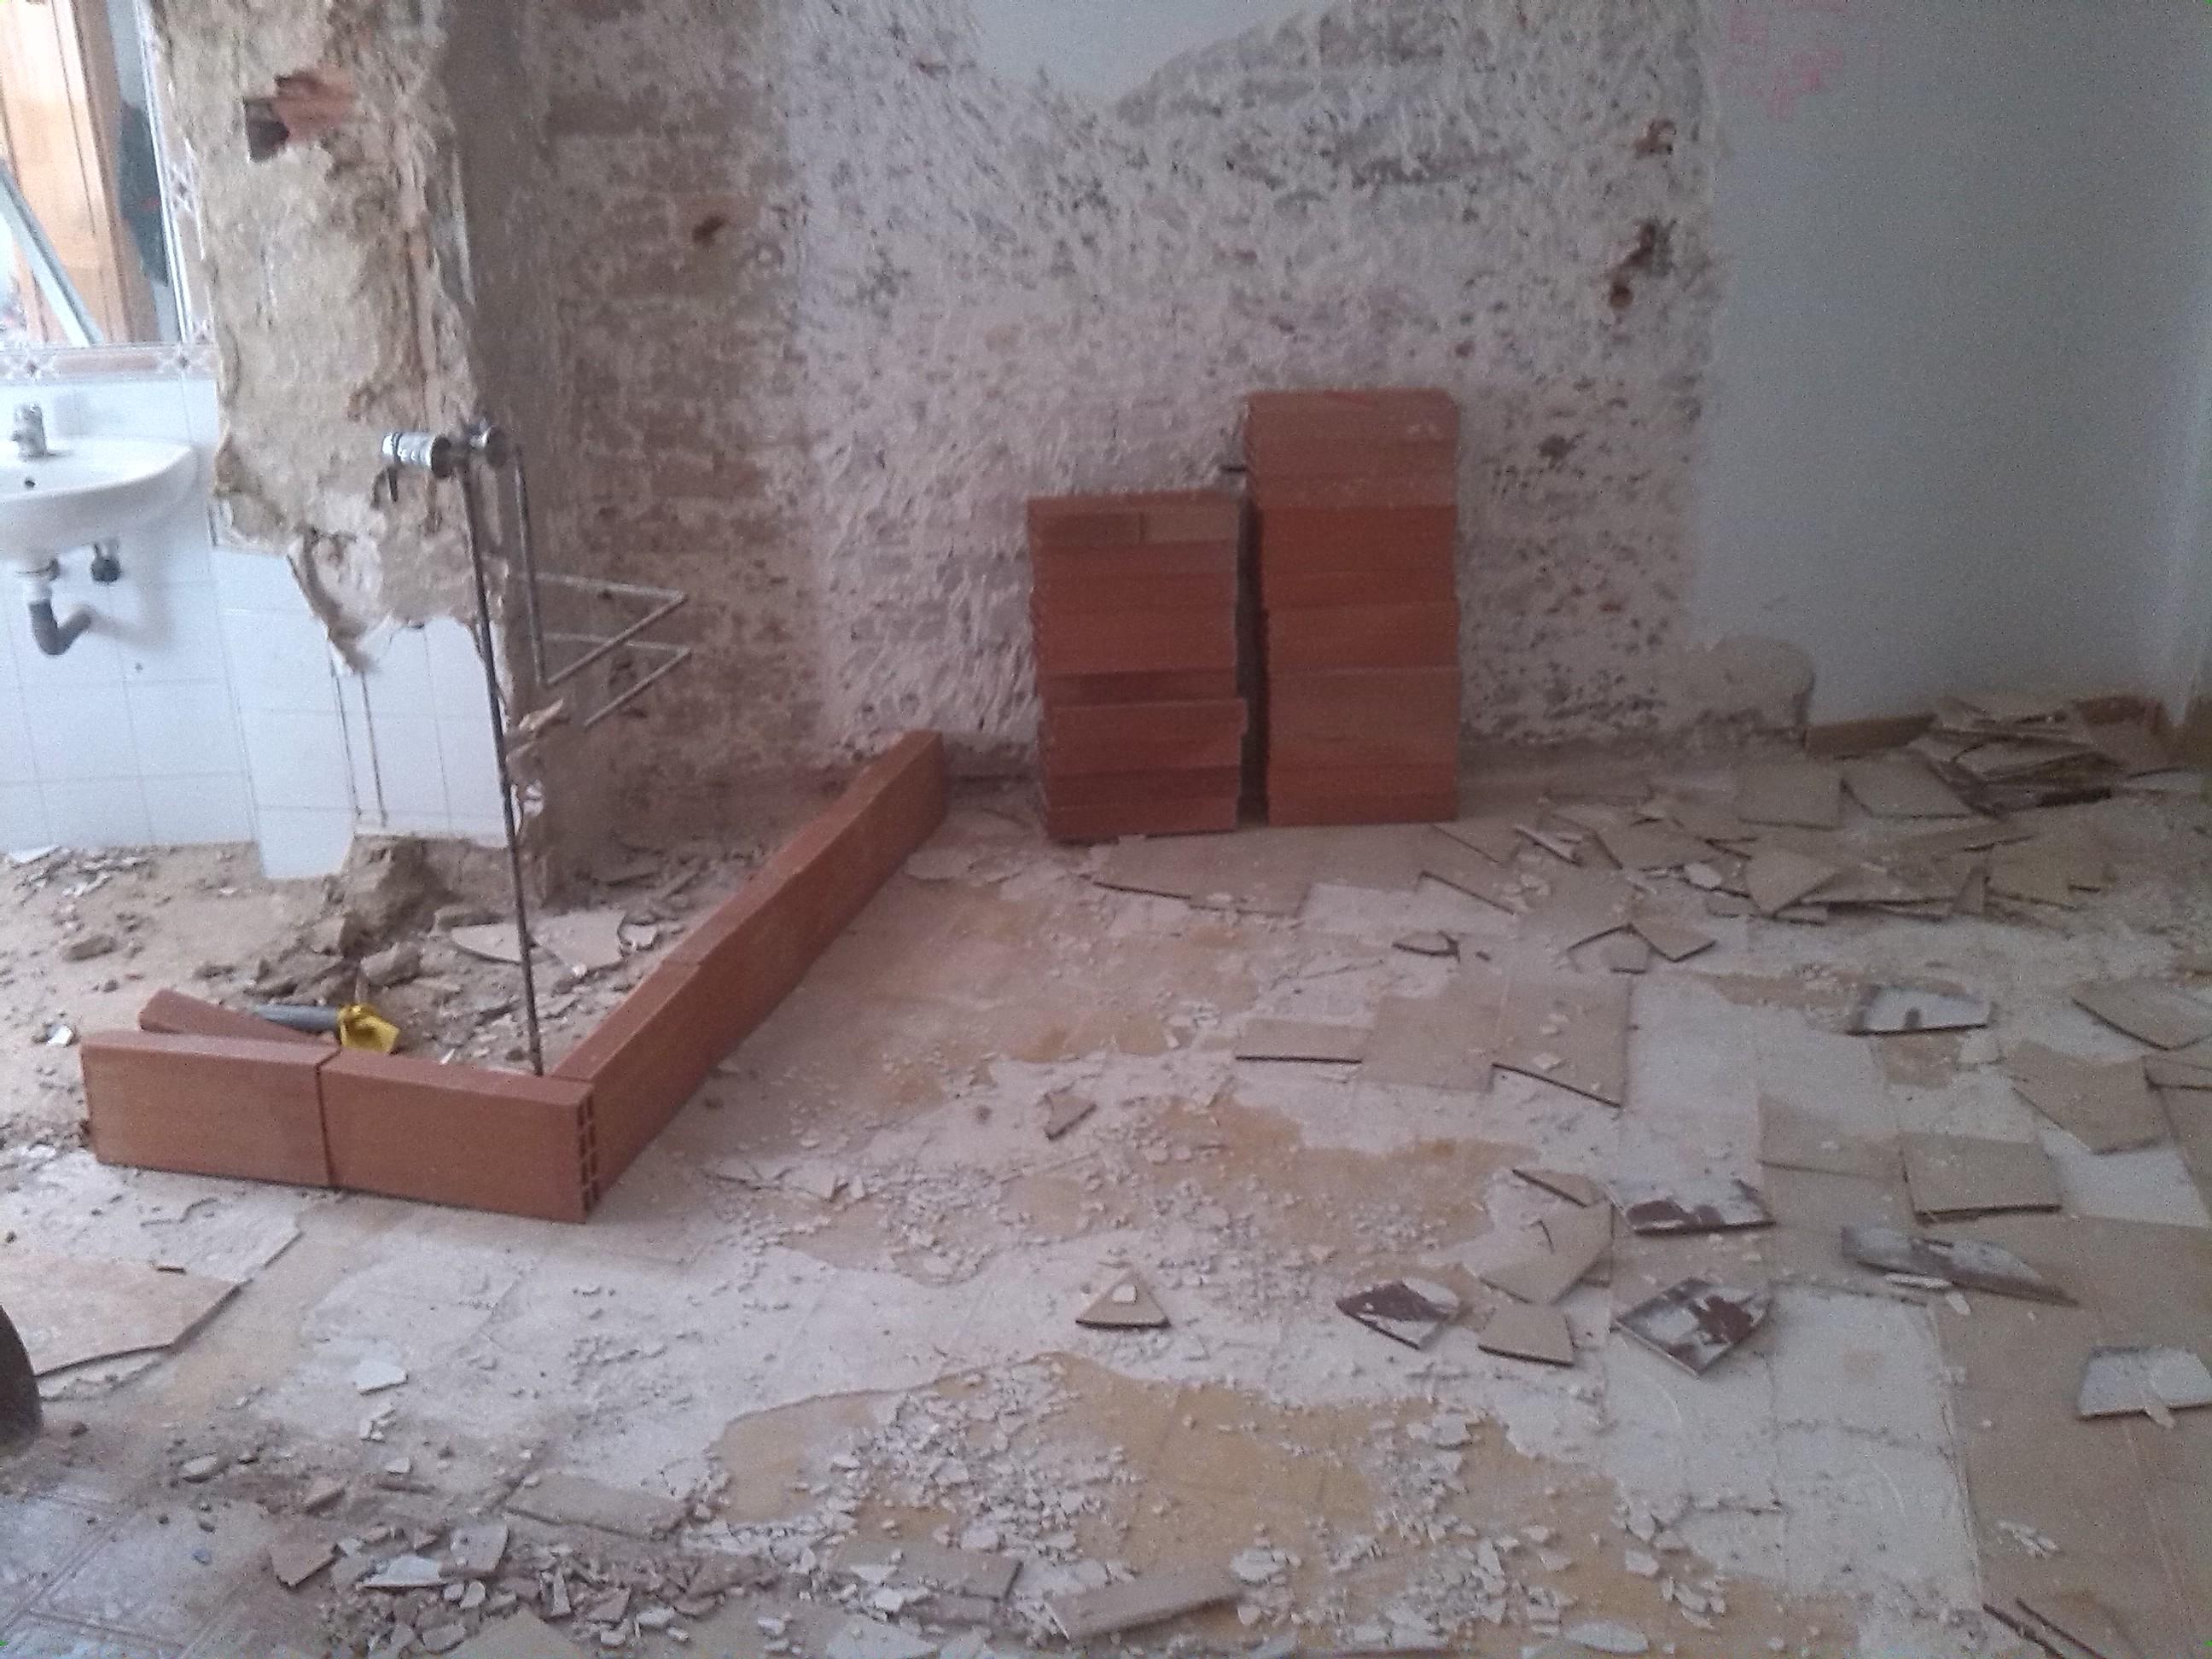 La mejor manera de hacer una reforma reformaster for Reforma piso barato